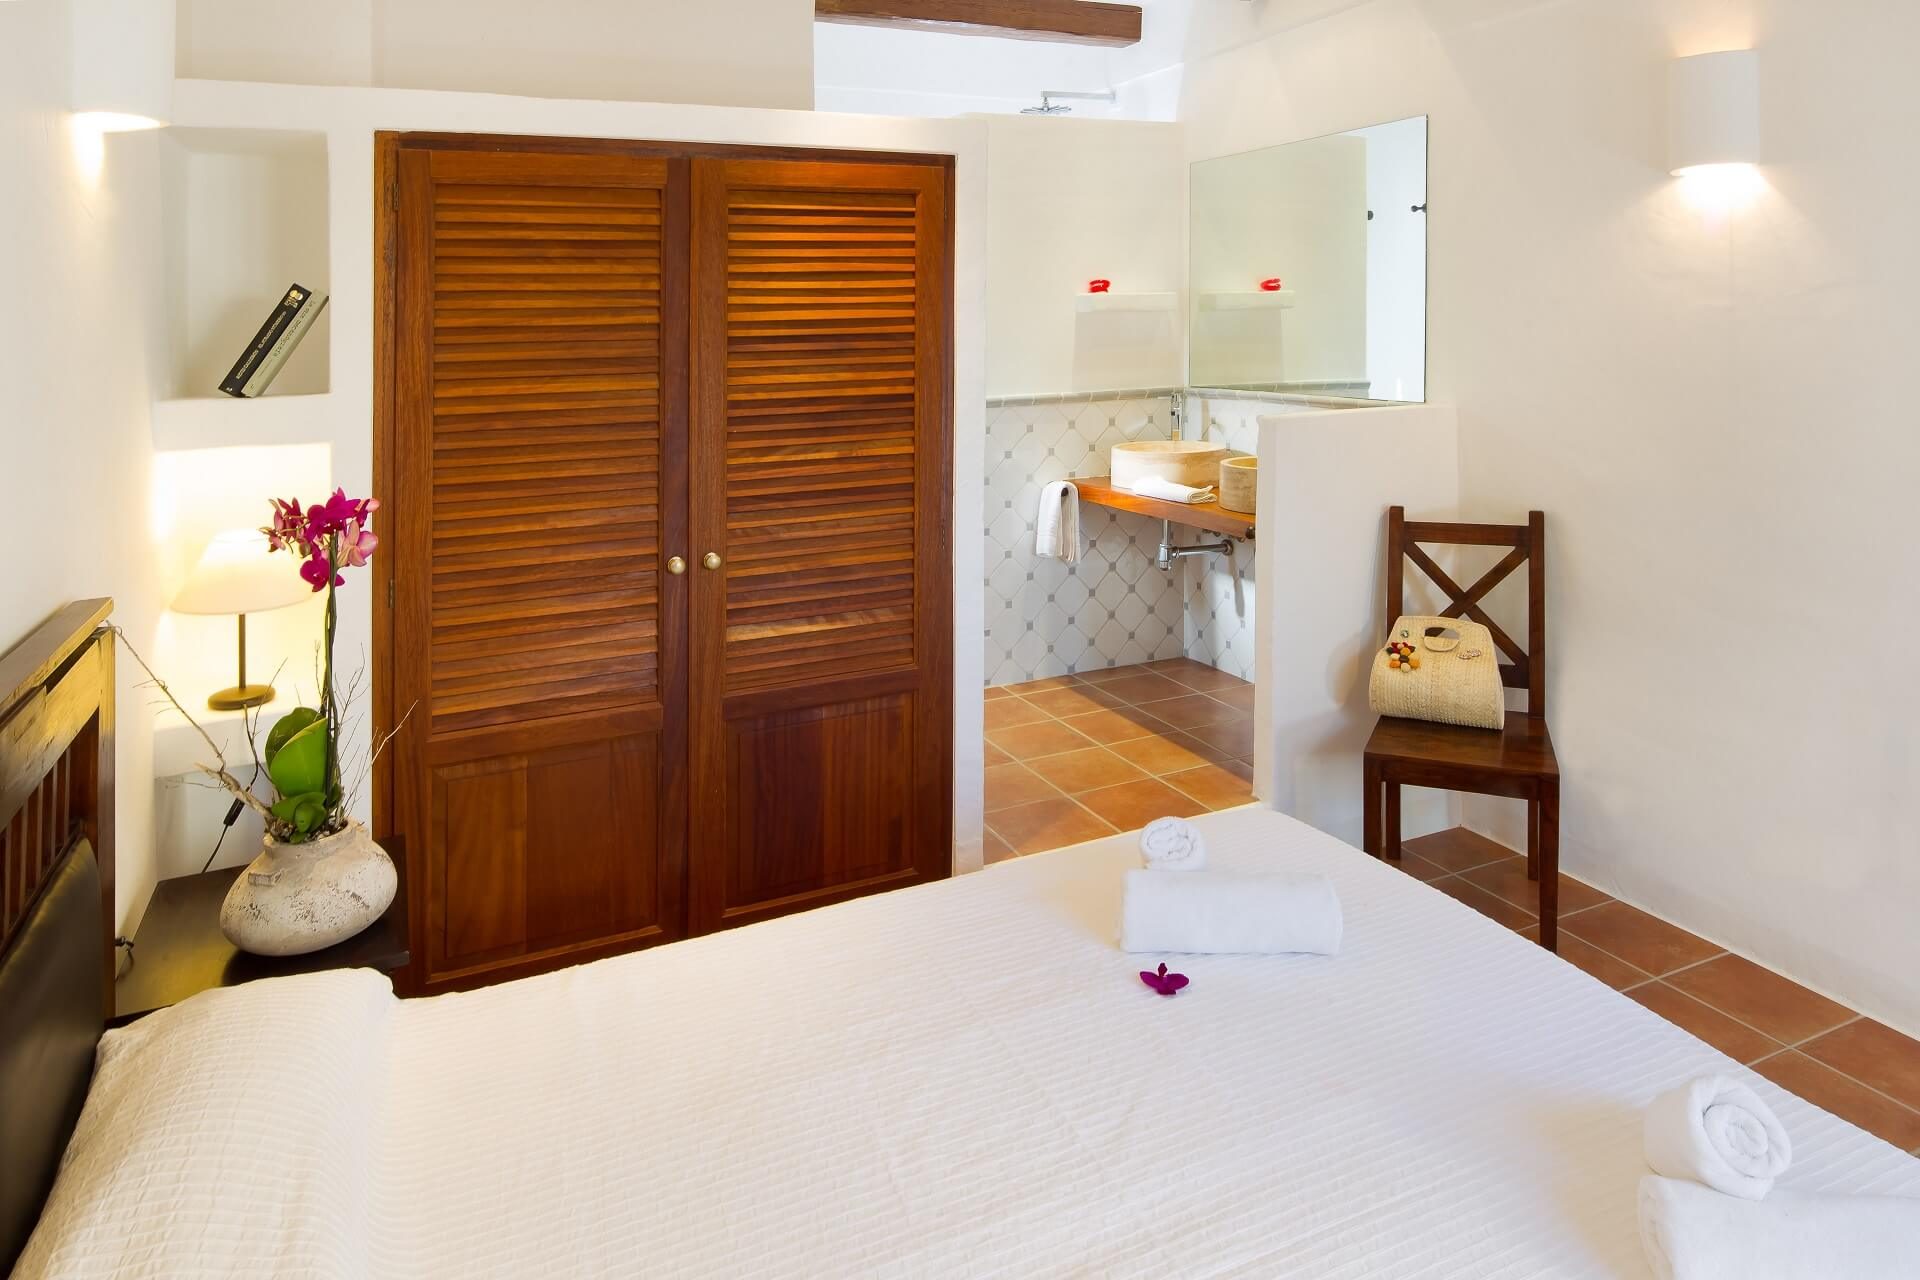 Villa CASES N3 - Bedroom with bath en suite